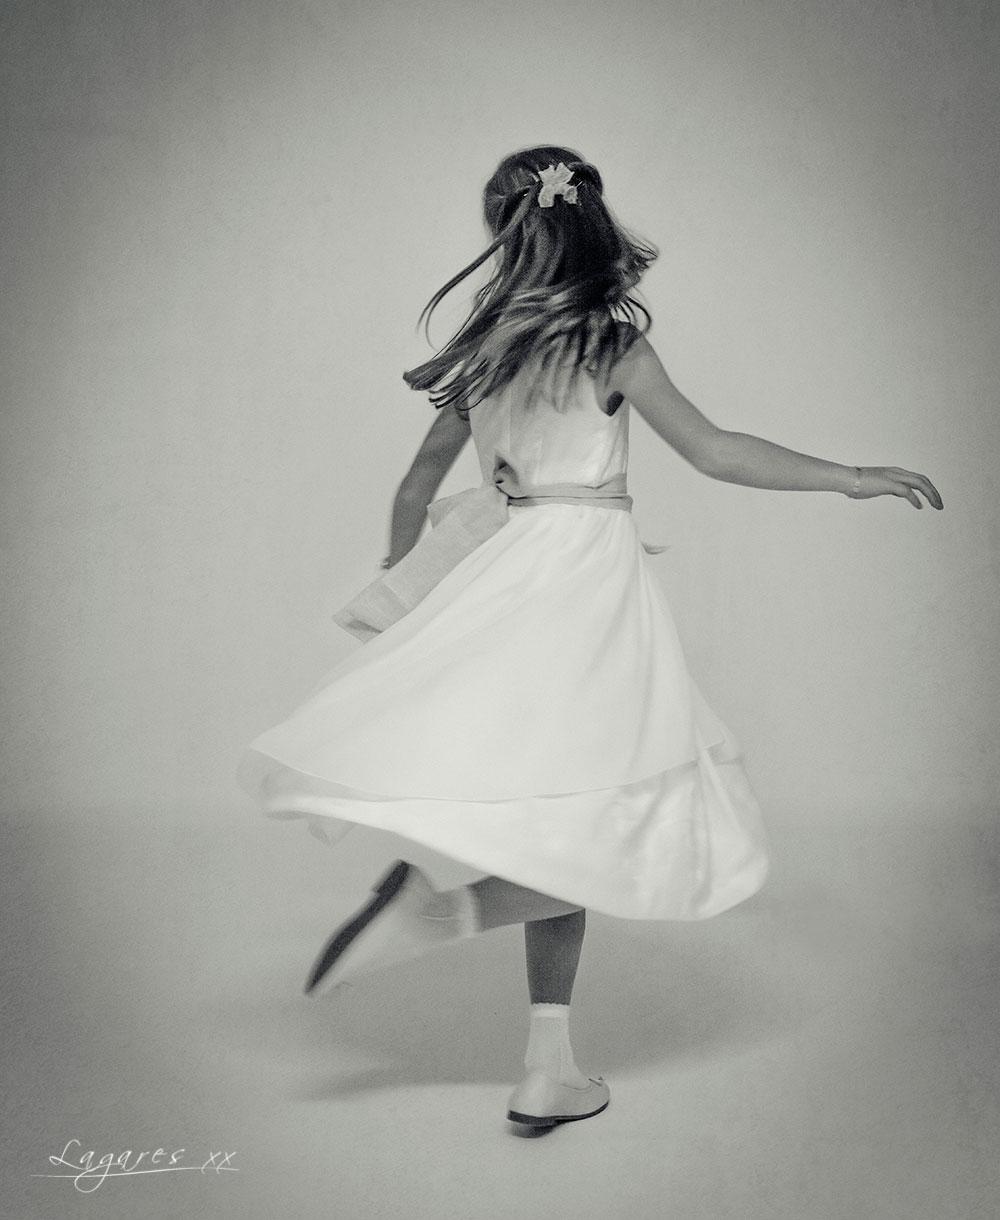 Reportajes de comunión creativos en estudio y exterior por José Luis Lagares, fotógrafo de Cornellá Barcelona y Lloret de mar Girona. Niña de comunión bailando en blanco y negro